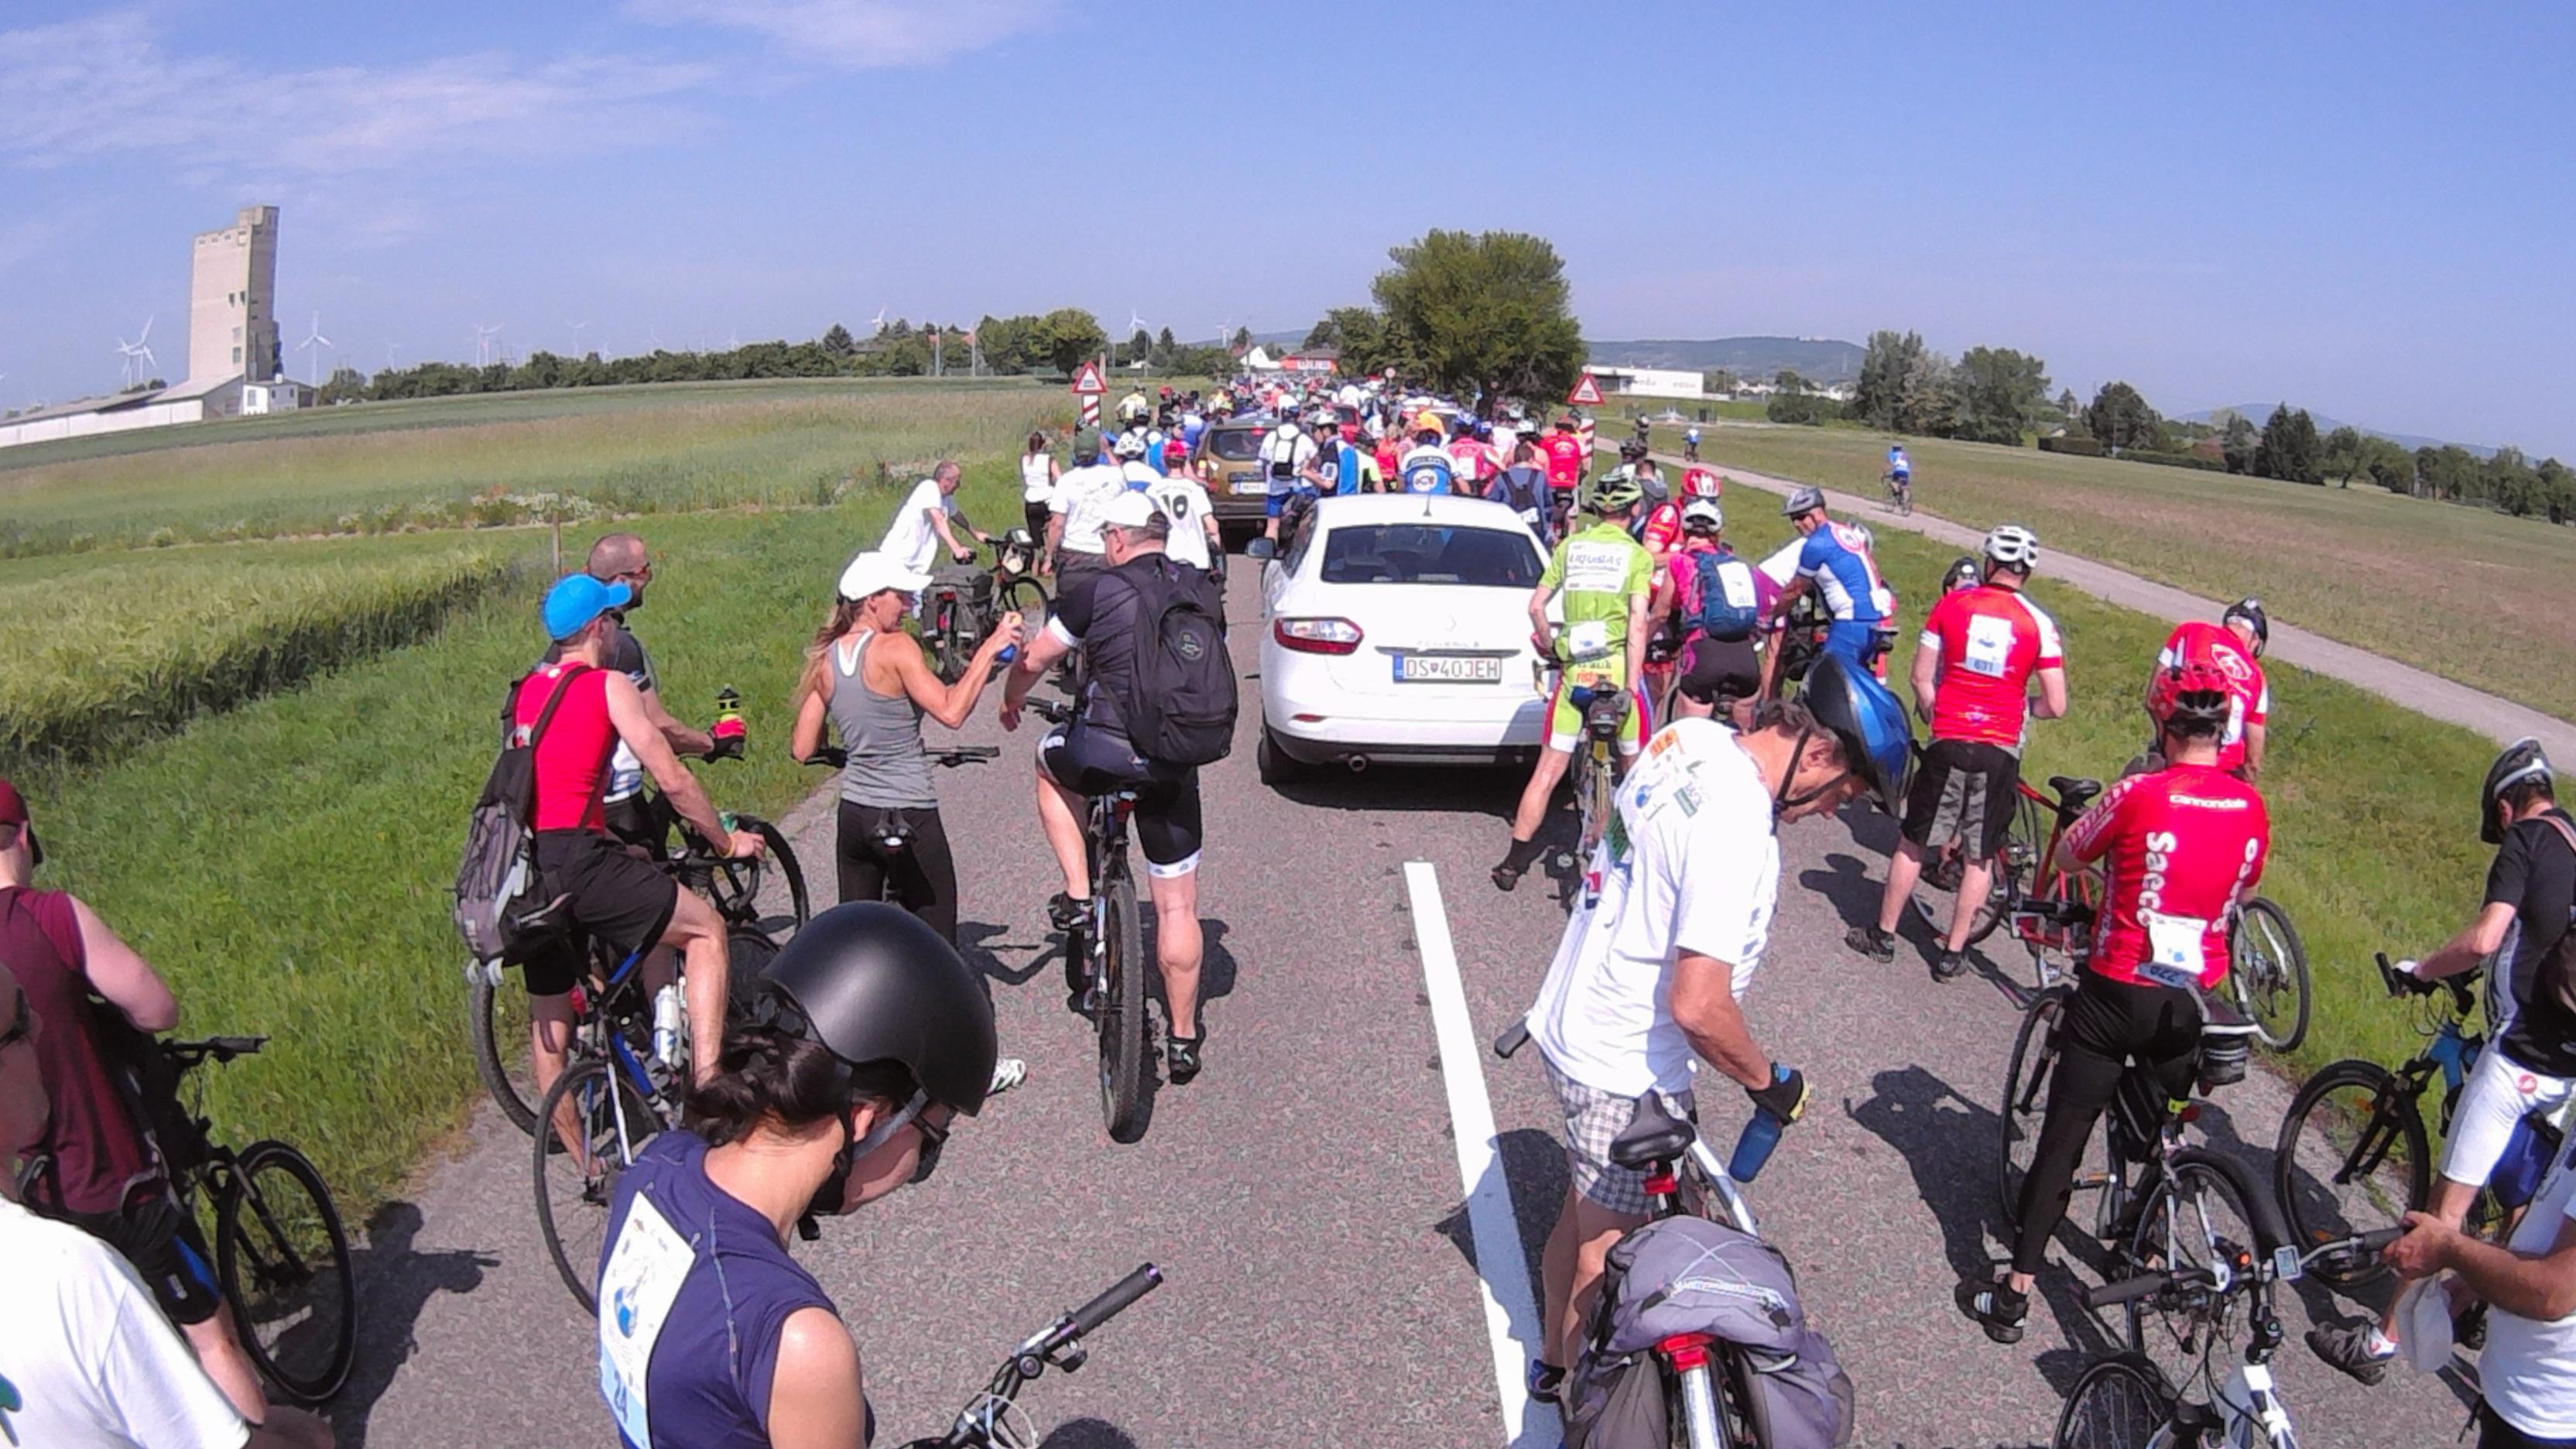 7857cc25e Polícia a Bratislavská mestská organizácia STARZ ohrozili životy cyklistov  pri cyklotúre priateľstva